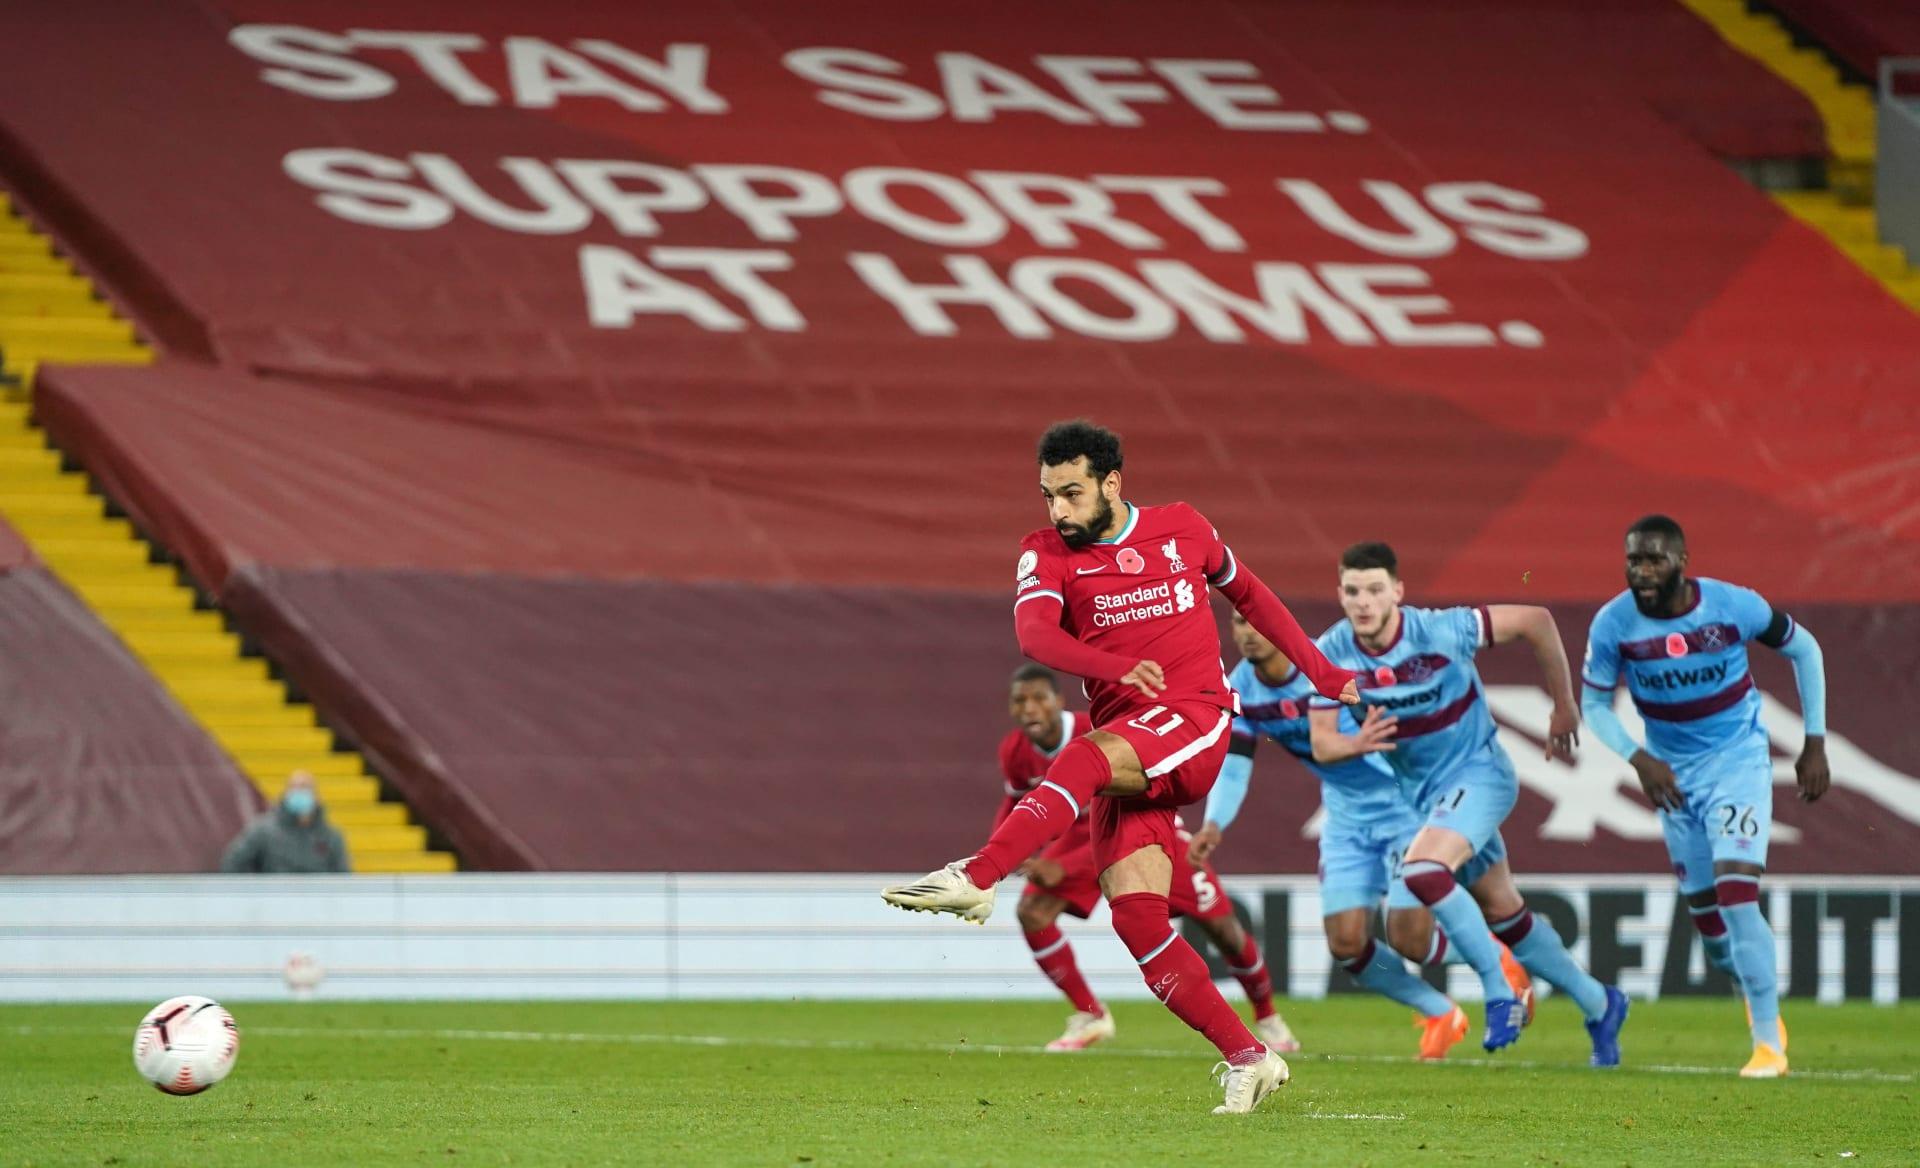 """مدرب ليفربول يرد على اتهام محمد صلاح بـ""""التمثيل"""" ويكشف عن الضربات التي تعرض لها"""